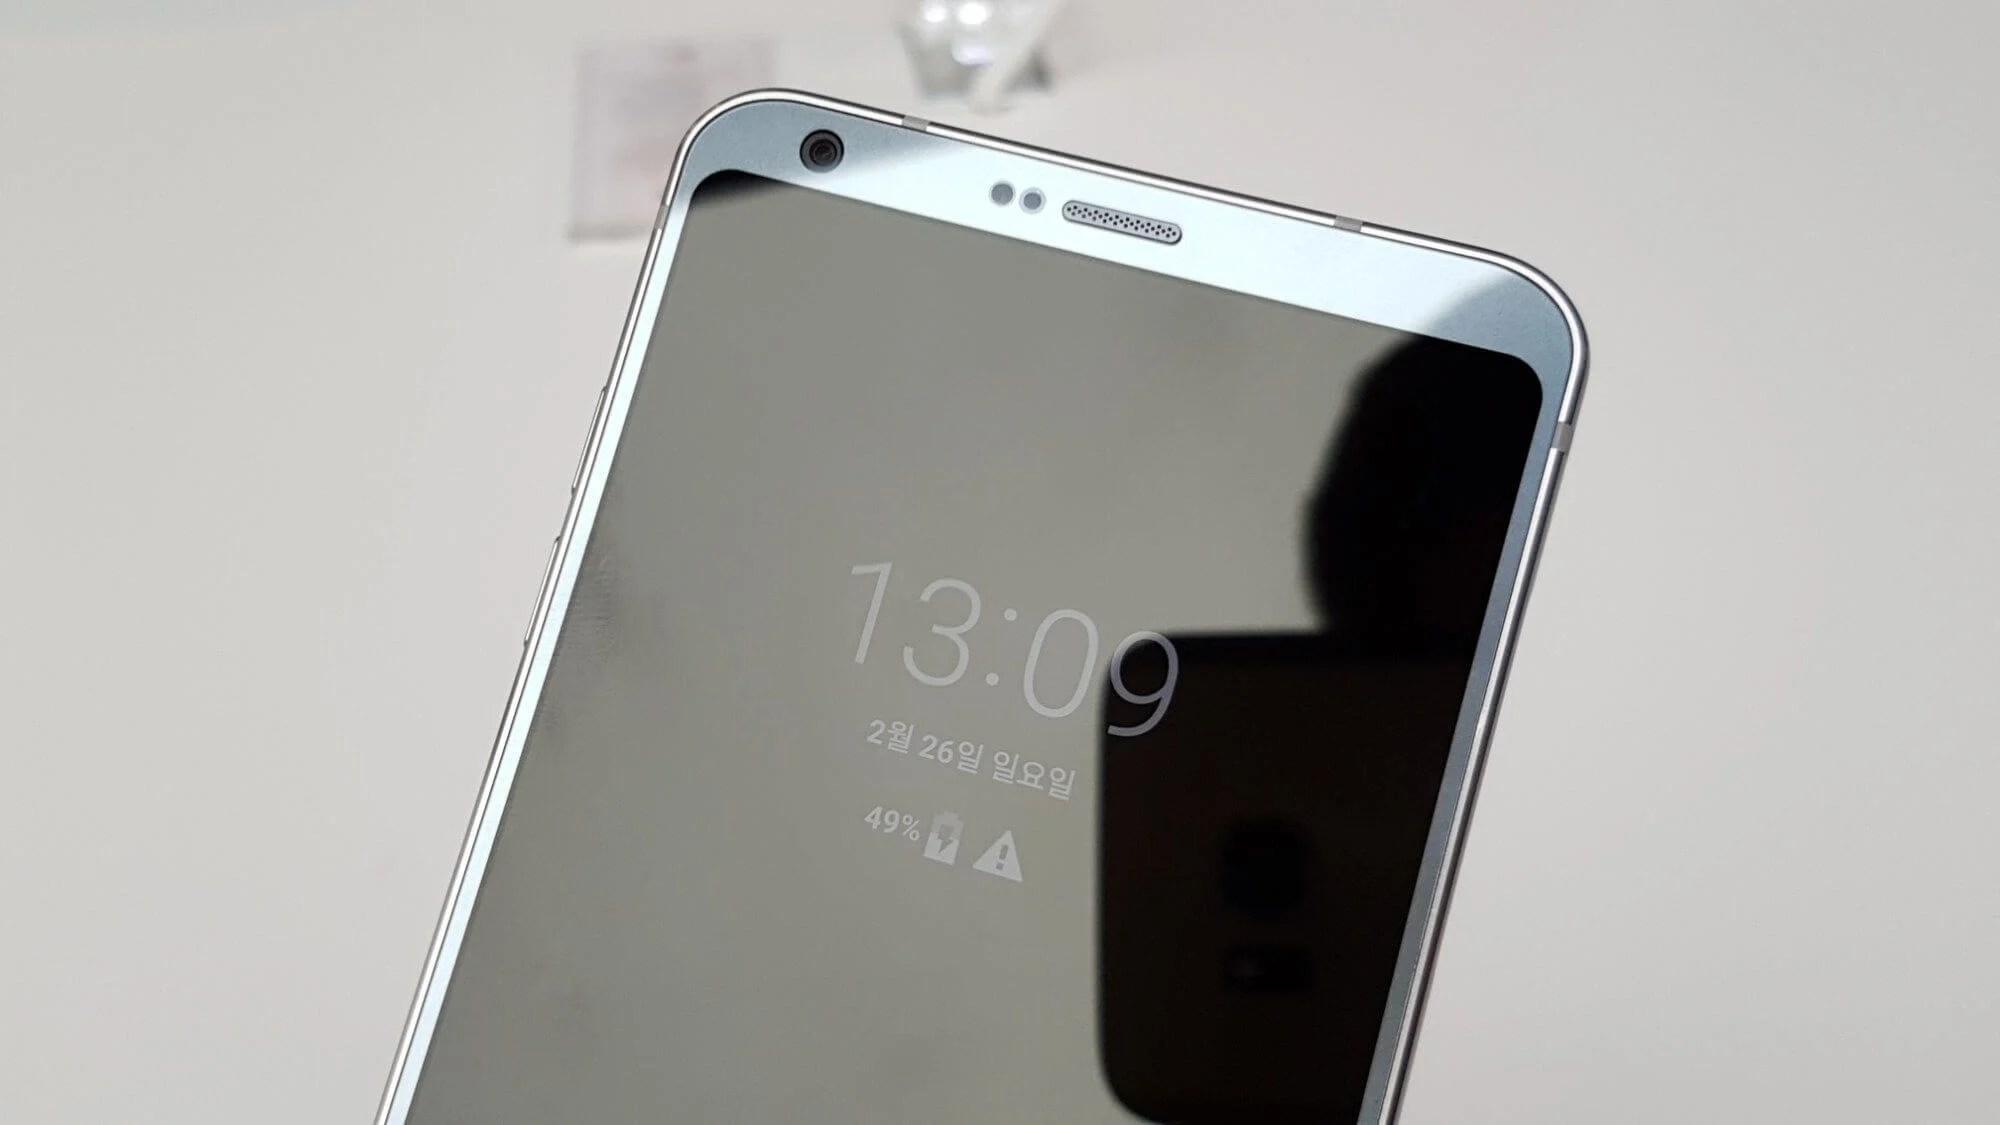 wp image 1631009846jpg 1 - [HANDS-ON] Conheça o novo LG G6 apresentado na MWC 2017